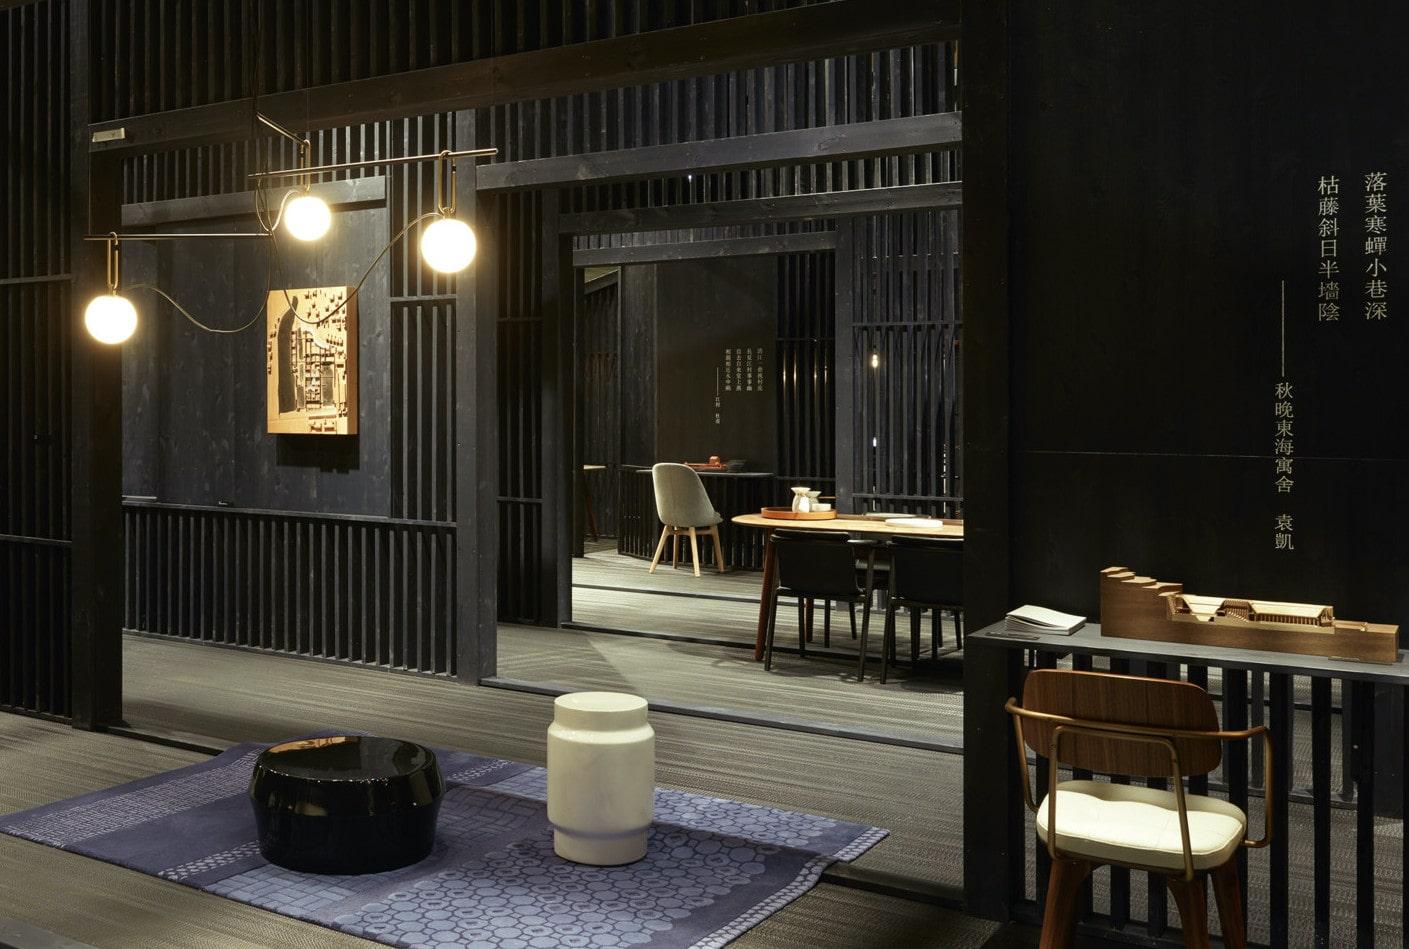 2020年2月に開催されるストックホルム国際家具展示会について説明した記事内のイメージ画像です。